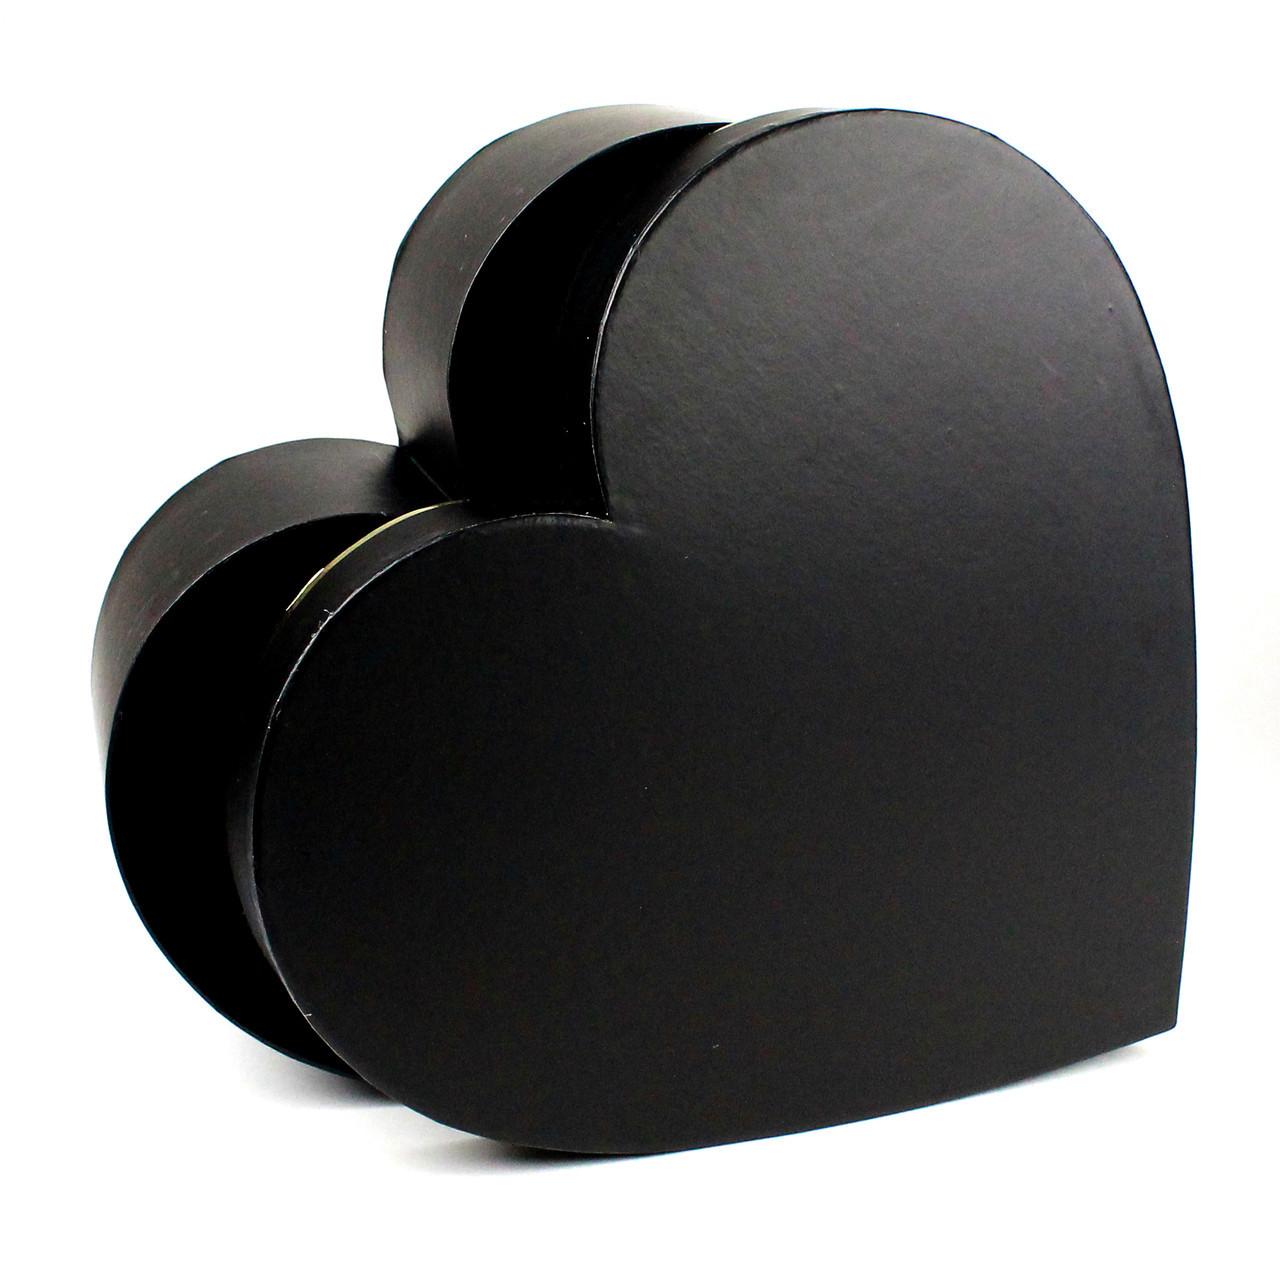 Подарочная коробка Сердце чёрная с золотом 29.2 x 28.5 x 10.4 см